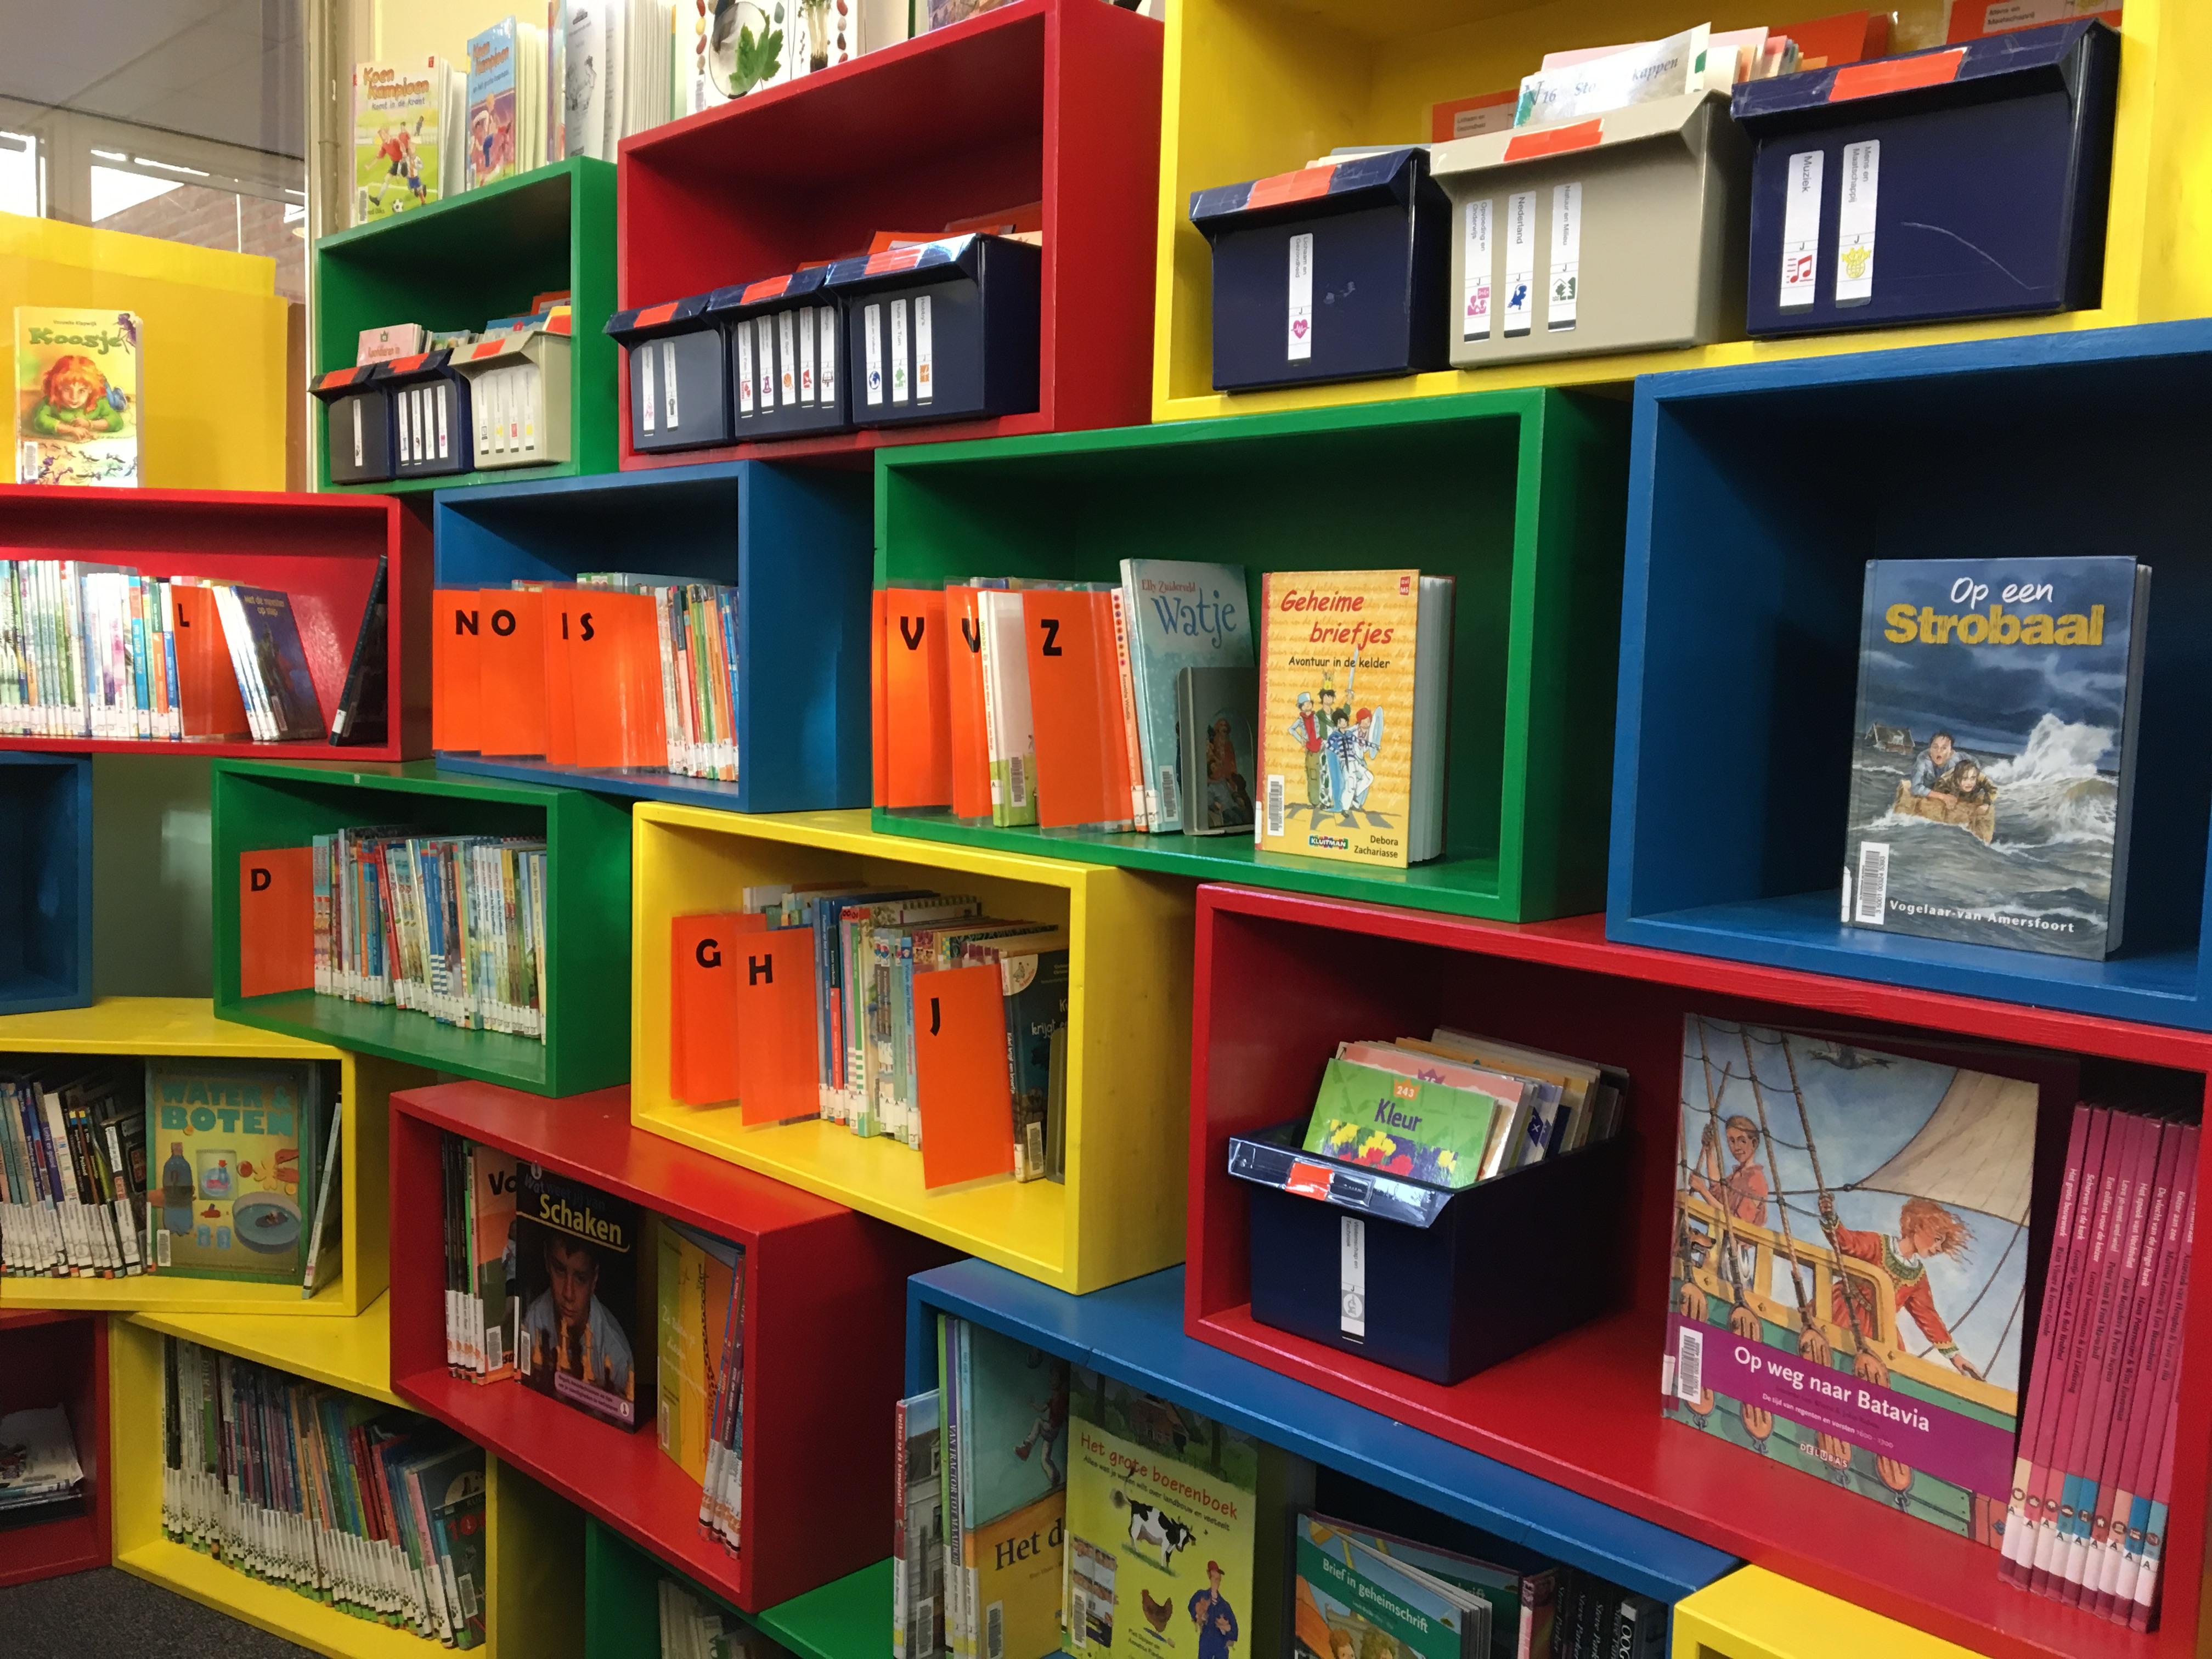 Bibliotheek op school geopend op gbs de lichtbron groot groningen - Idee bibliotheek ...